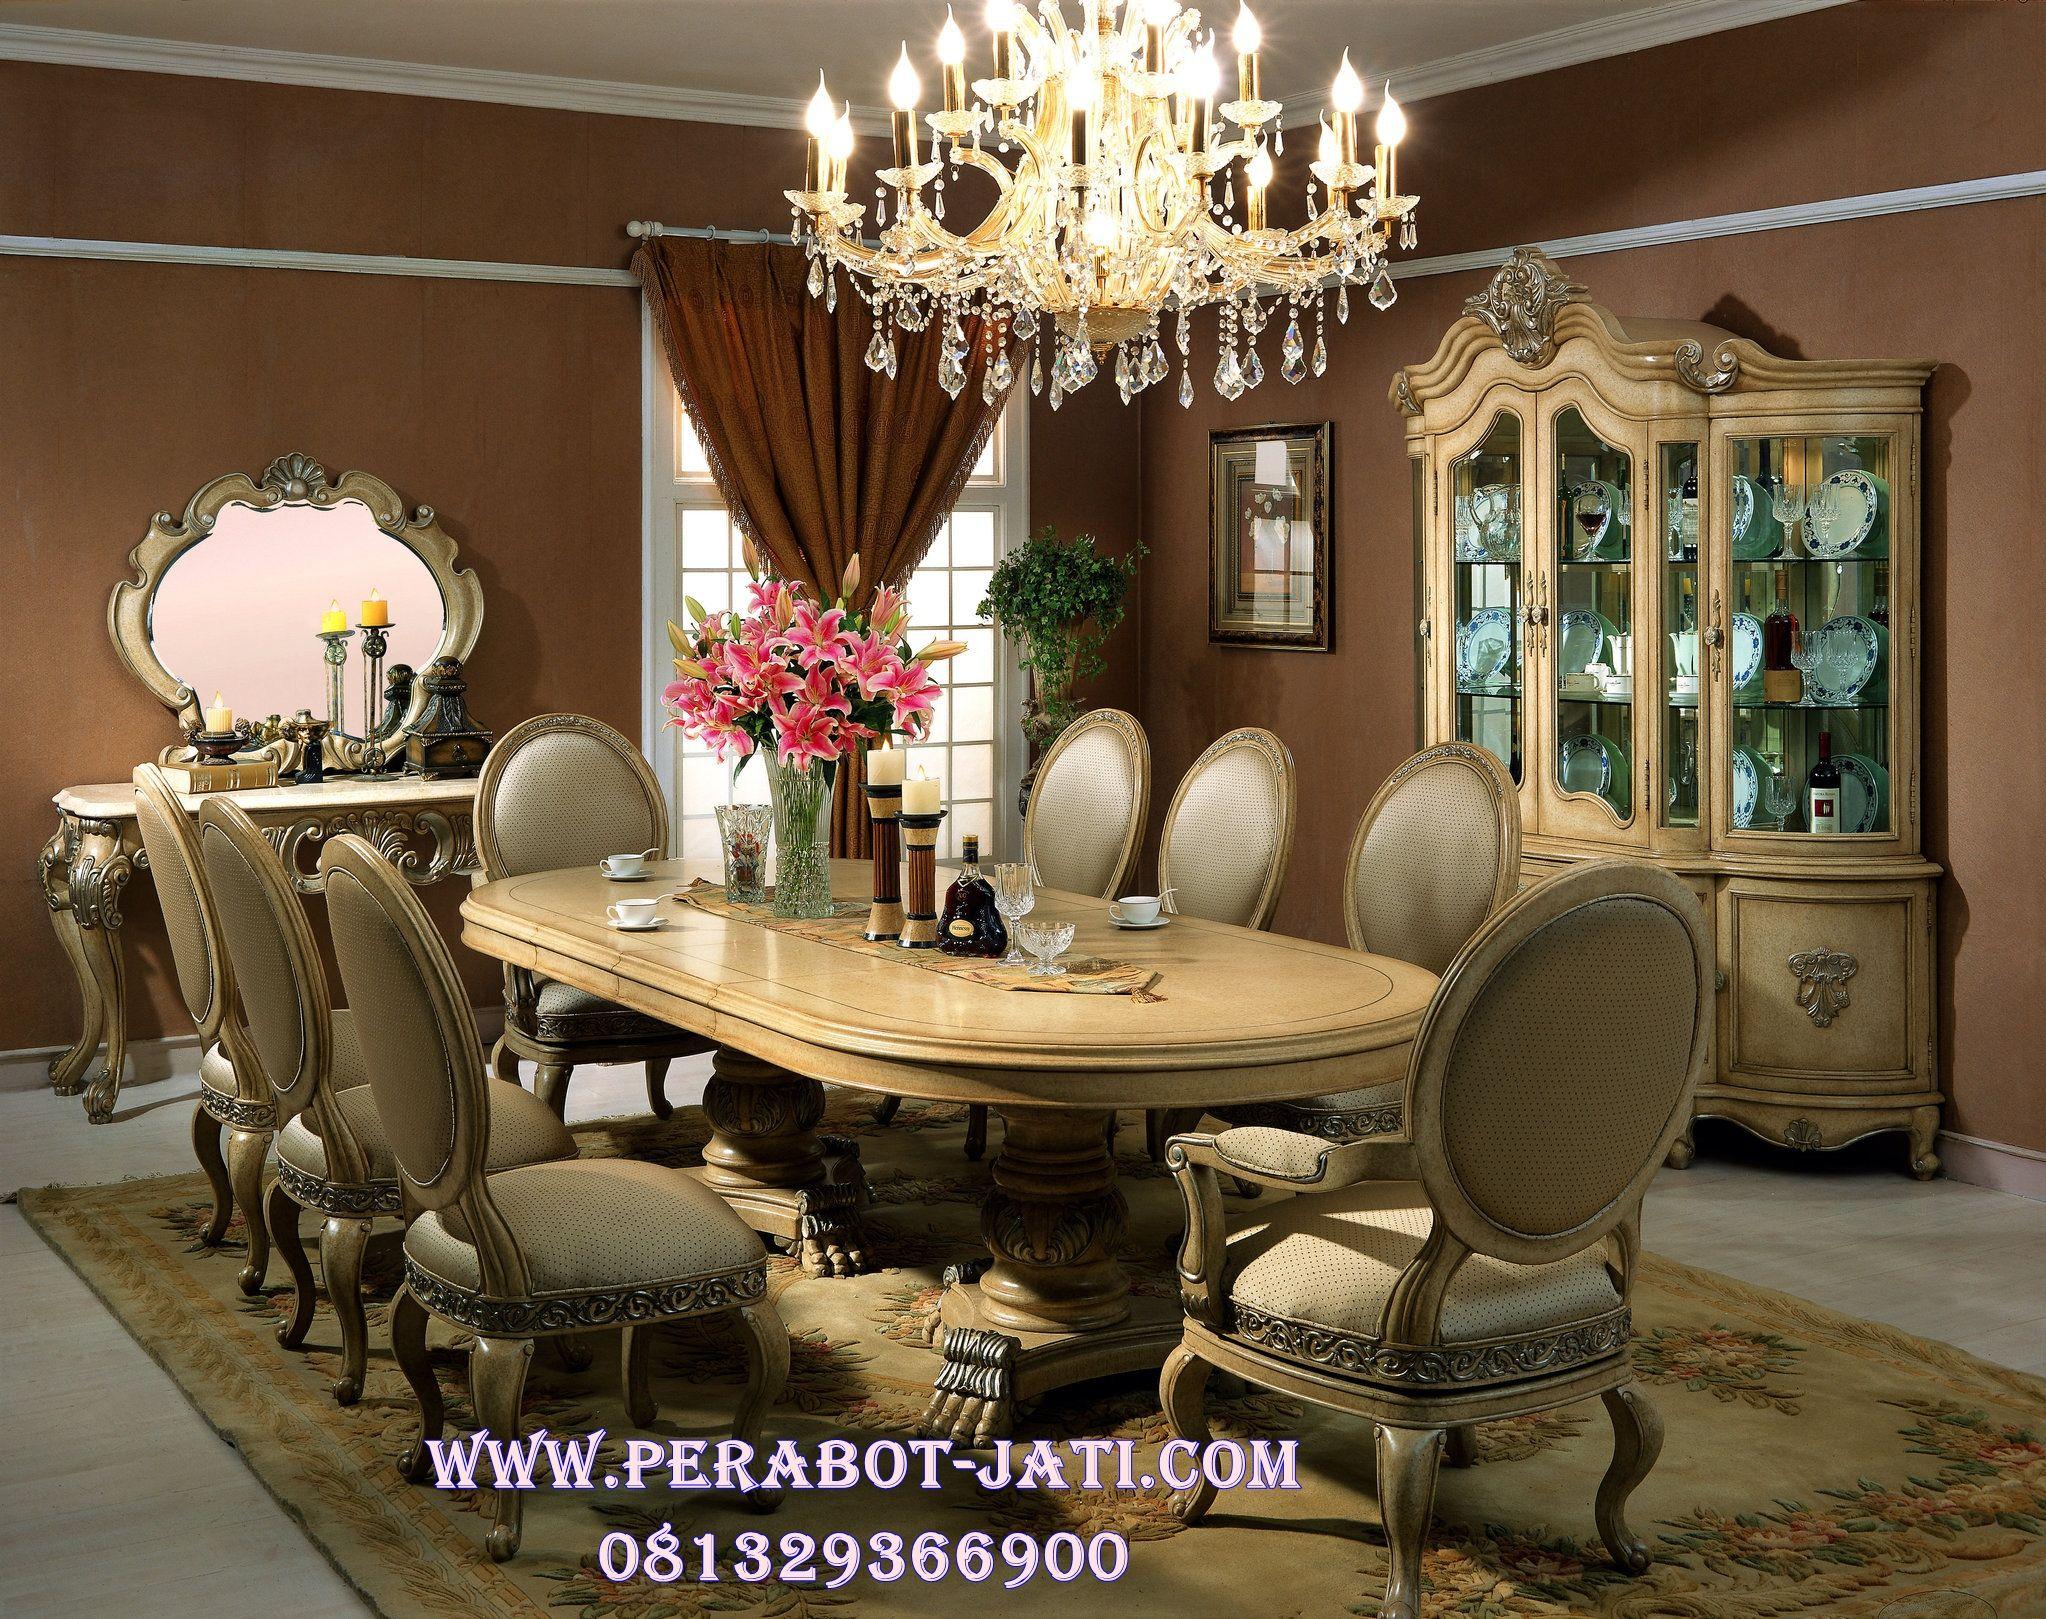 Meja Makan Oval 8 Kursi Elegan Livina Jual Set Kursi Makan Meja